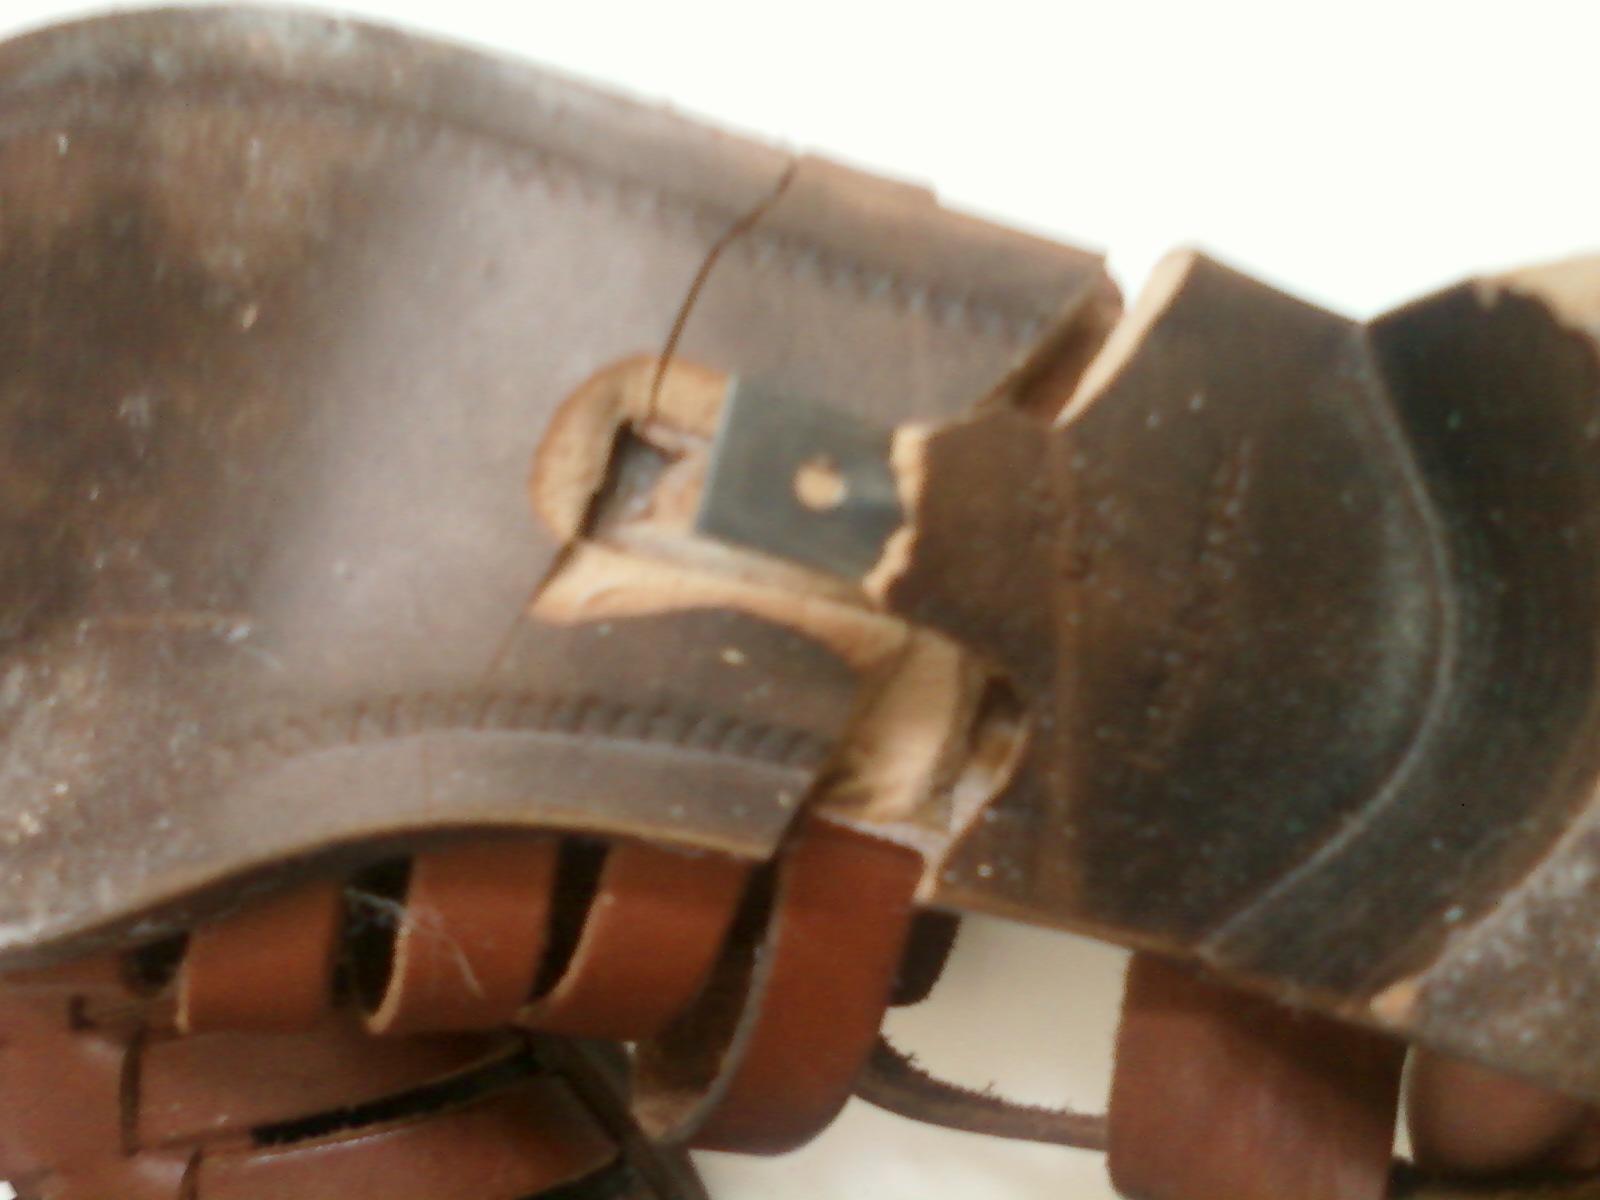 Metal in broken shoe